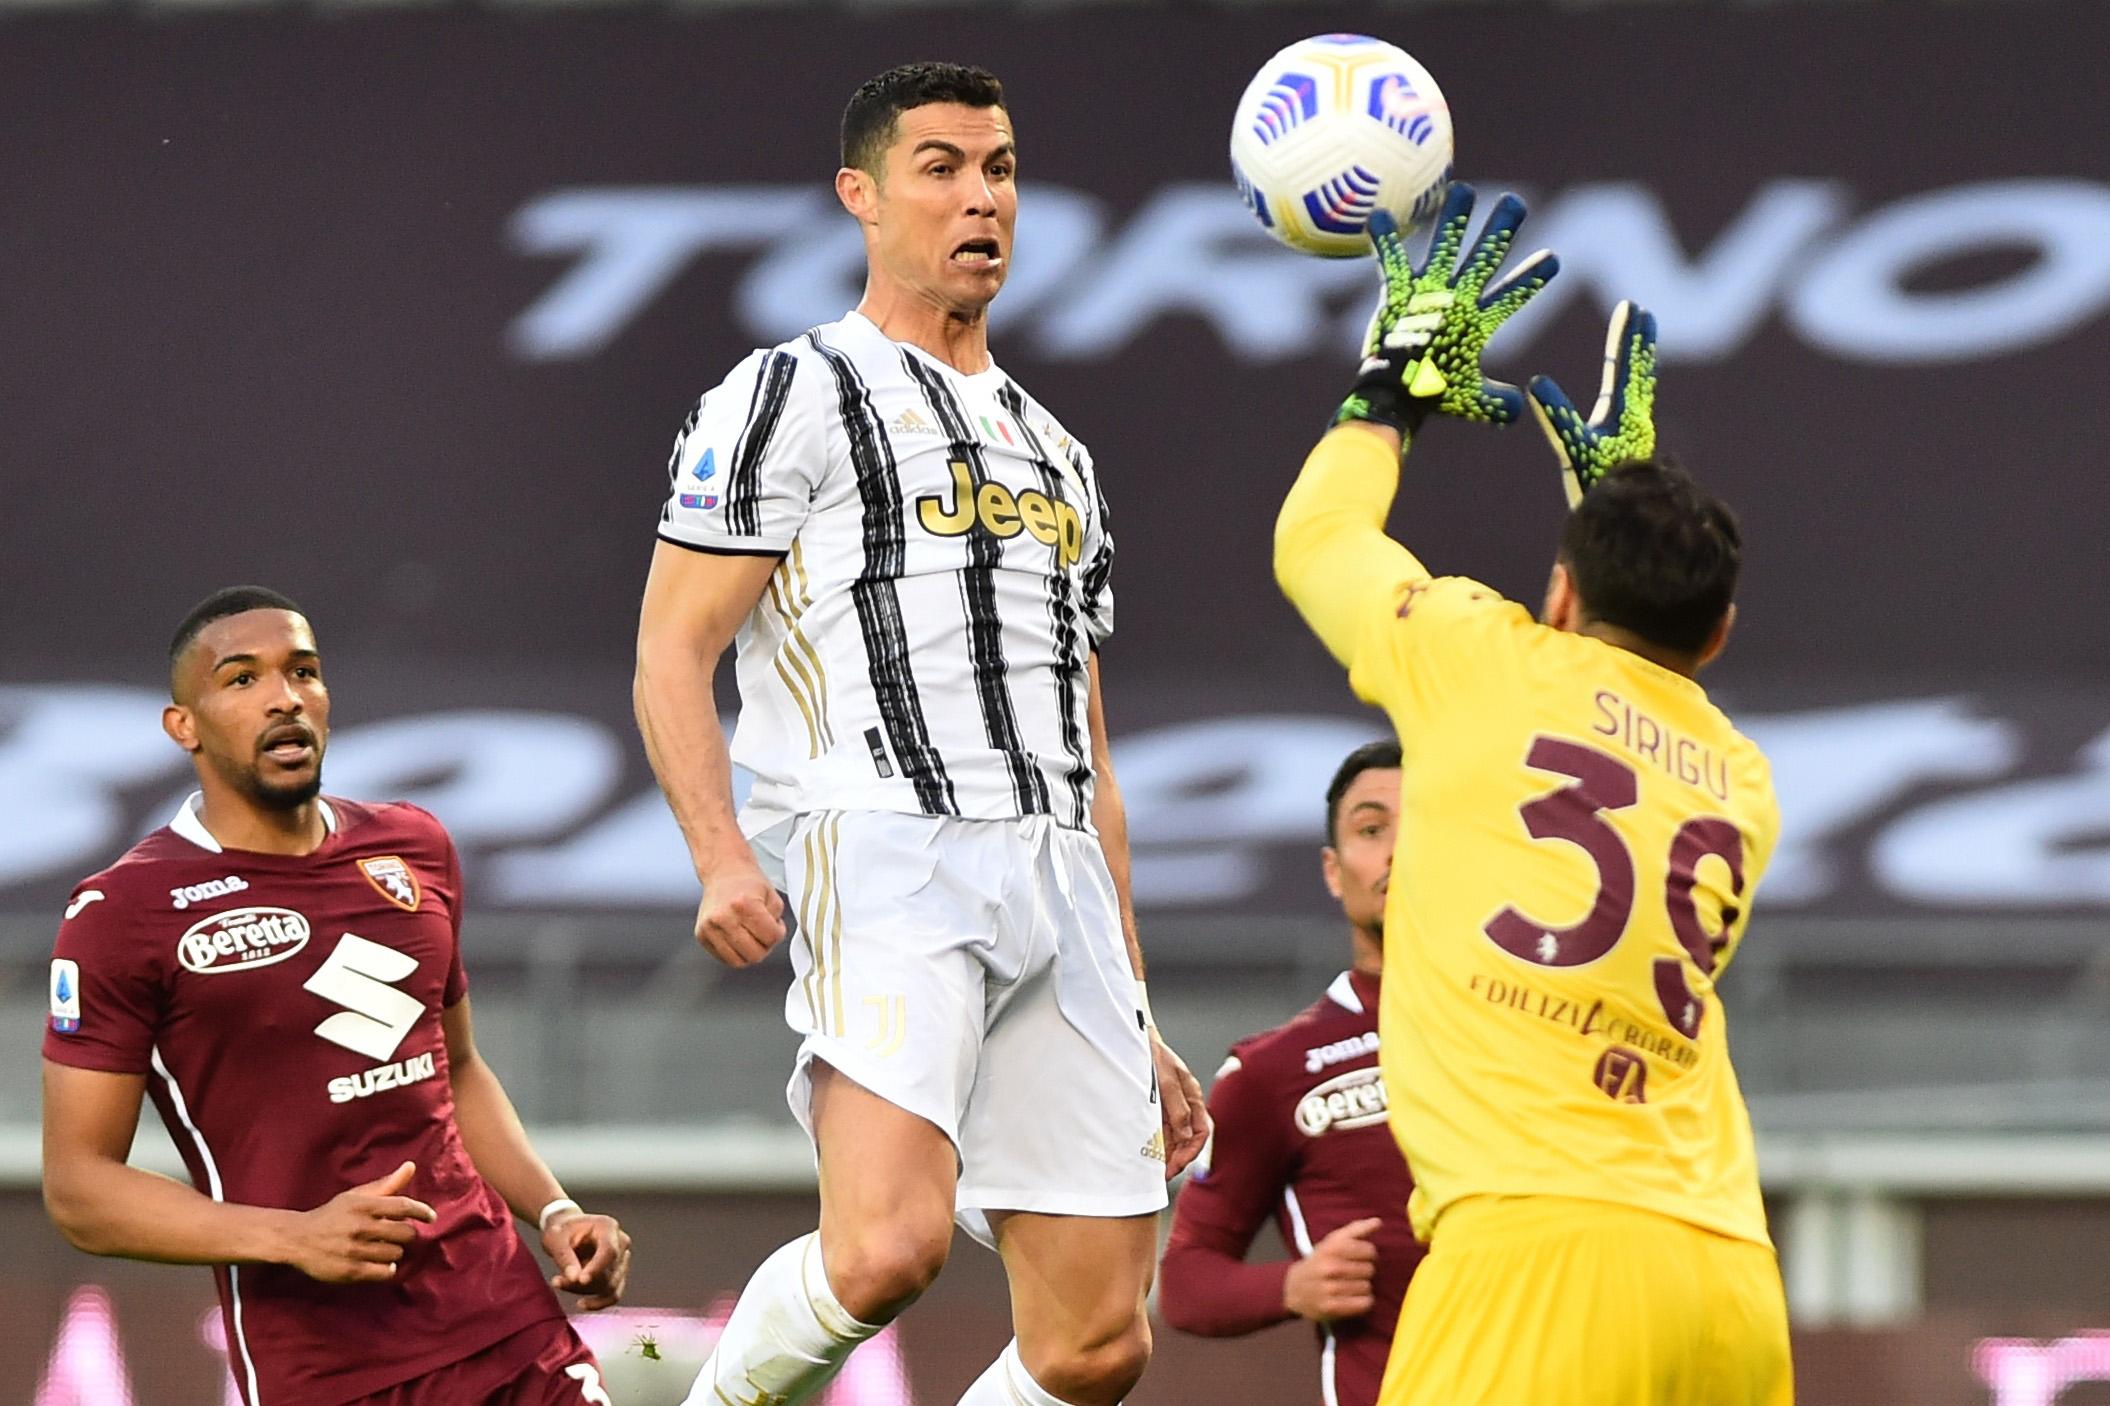 «Καταρρέει» η Γιουβέντους: Ο Ρονάλντο της έσωσε το γόητρο αλλά κινδυνεύει να μείνει εκτός Champions League (video)